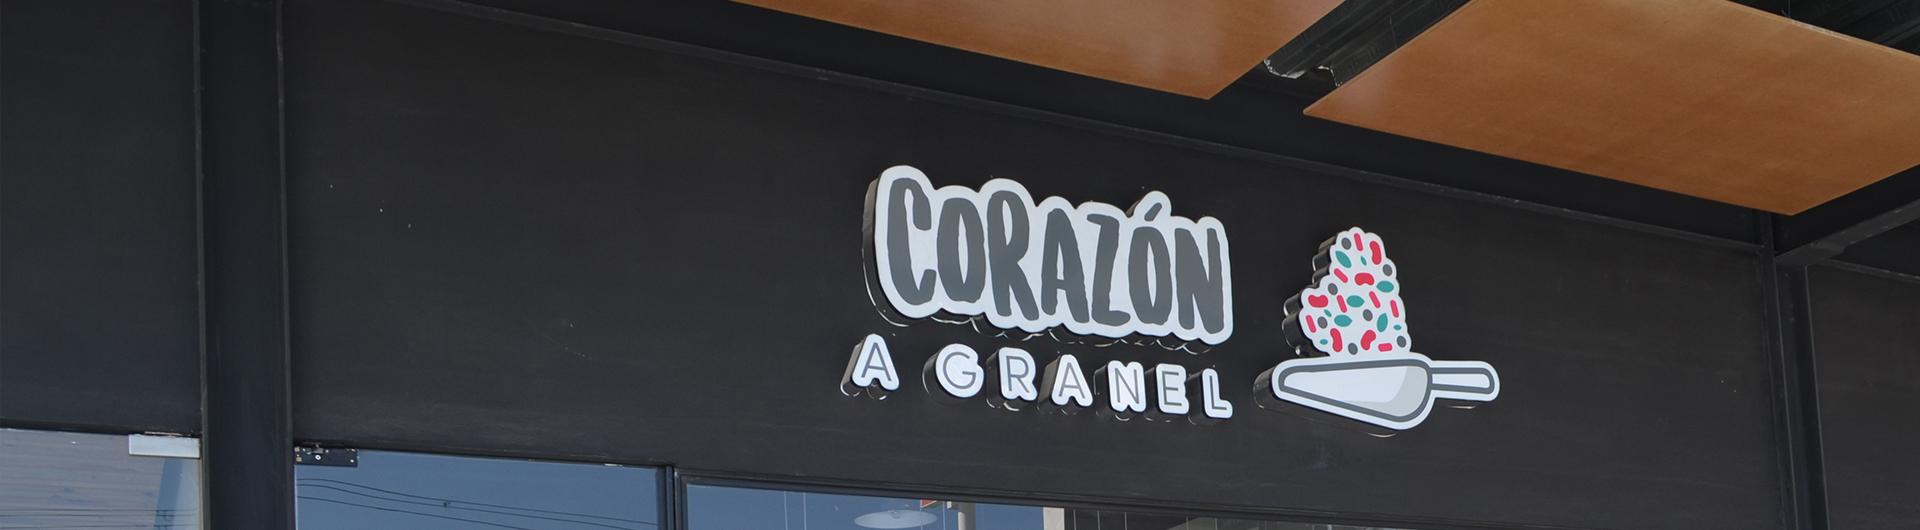 Corazón a Granel Torreón